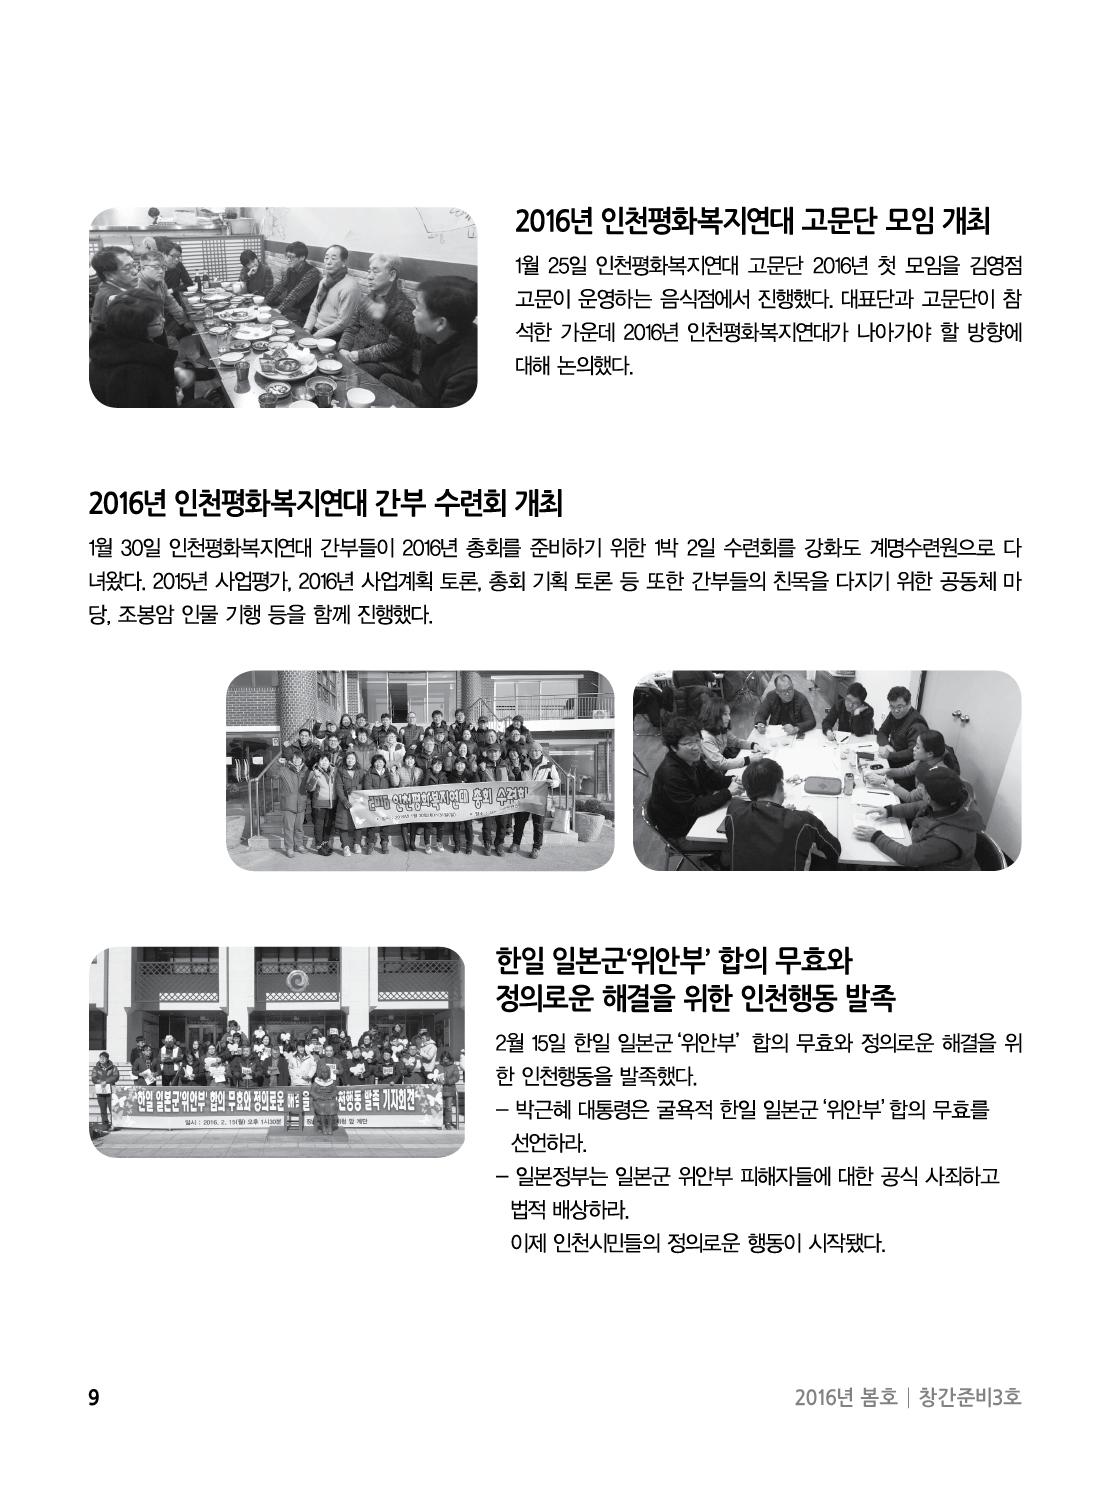 아웃라인 인천평화복지연대 소식지창간준비3호9.jpg